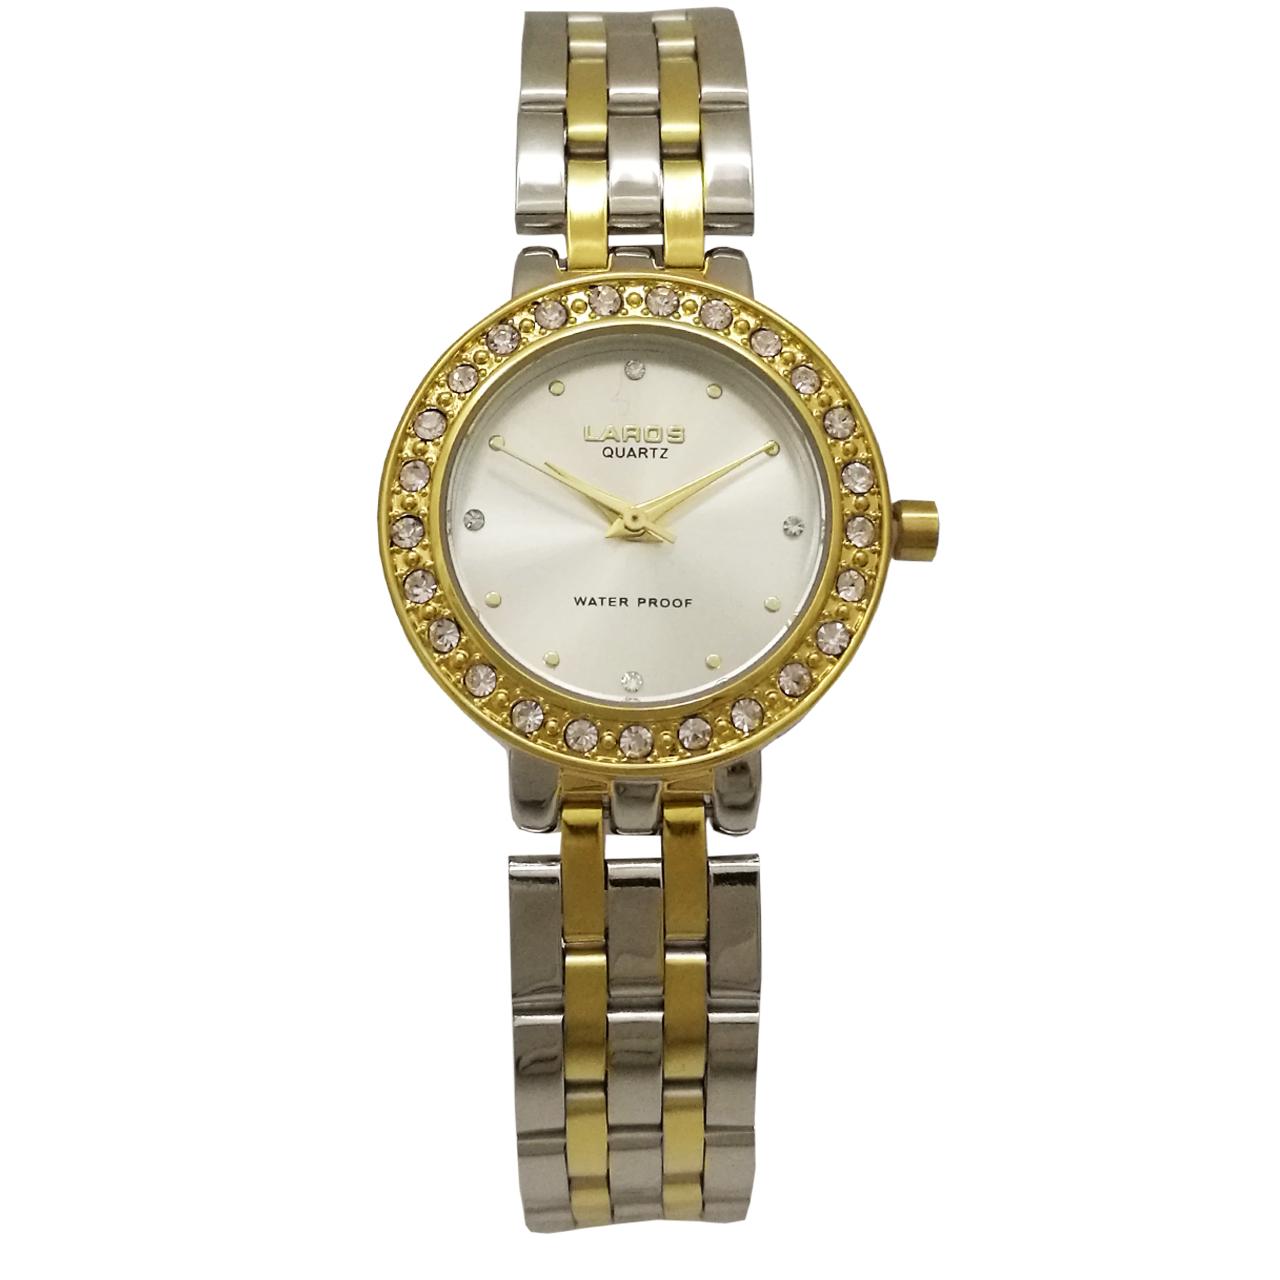 ساعت مچی عقربه ای زنانه لاروس مدل 1117-80122 29